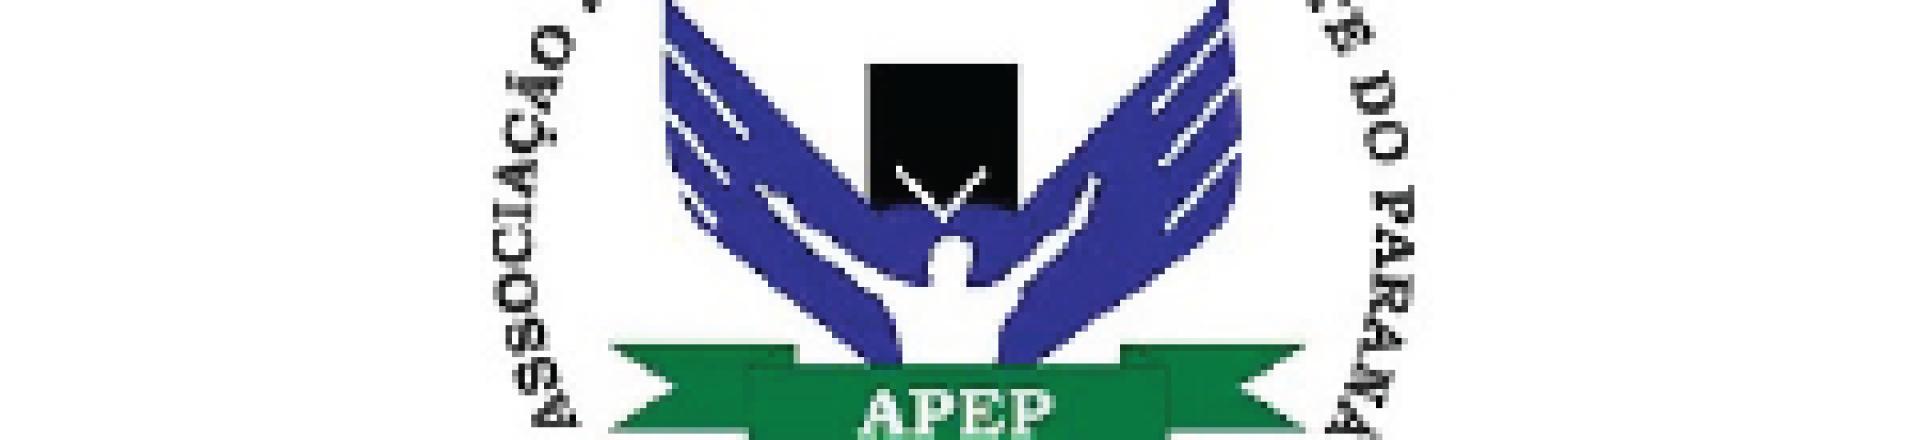 APEP (Associação de Psicologia de Esporte do Paraná)